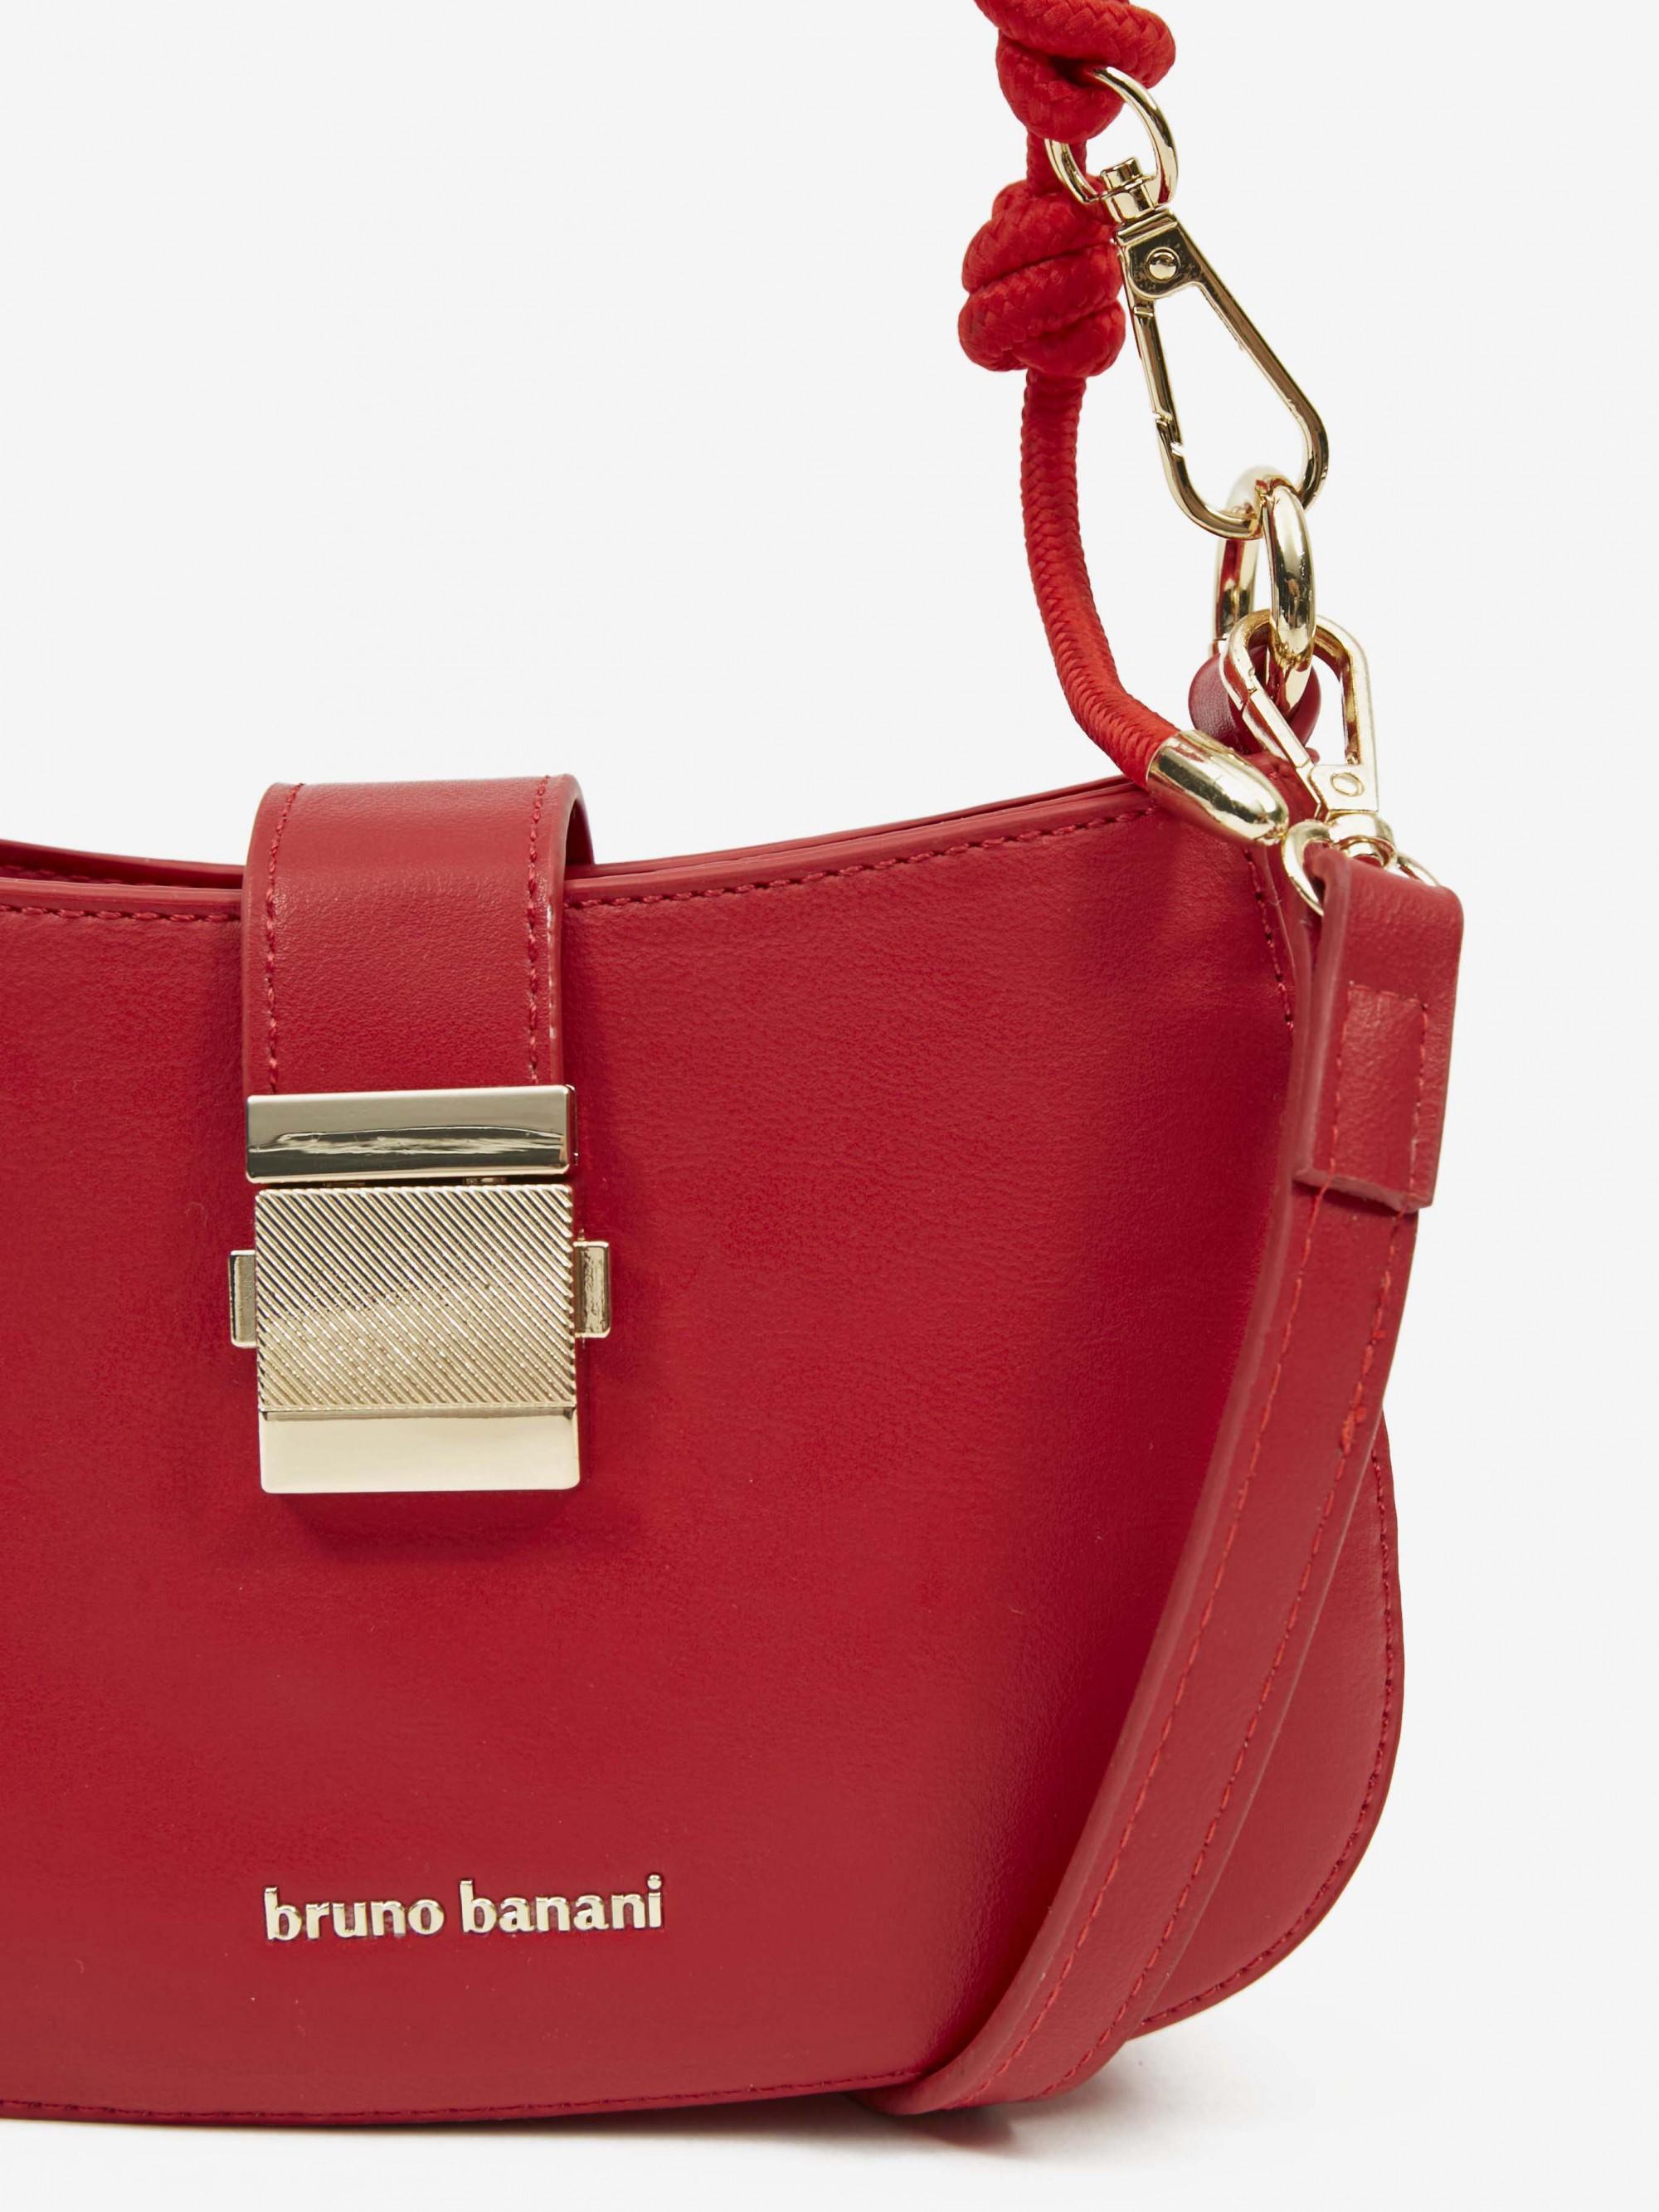 Bruno Banani Borsetta donna rosso